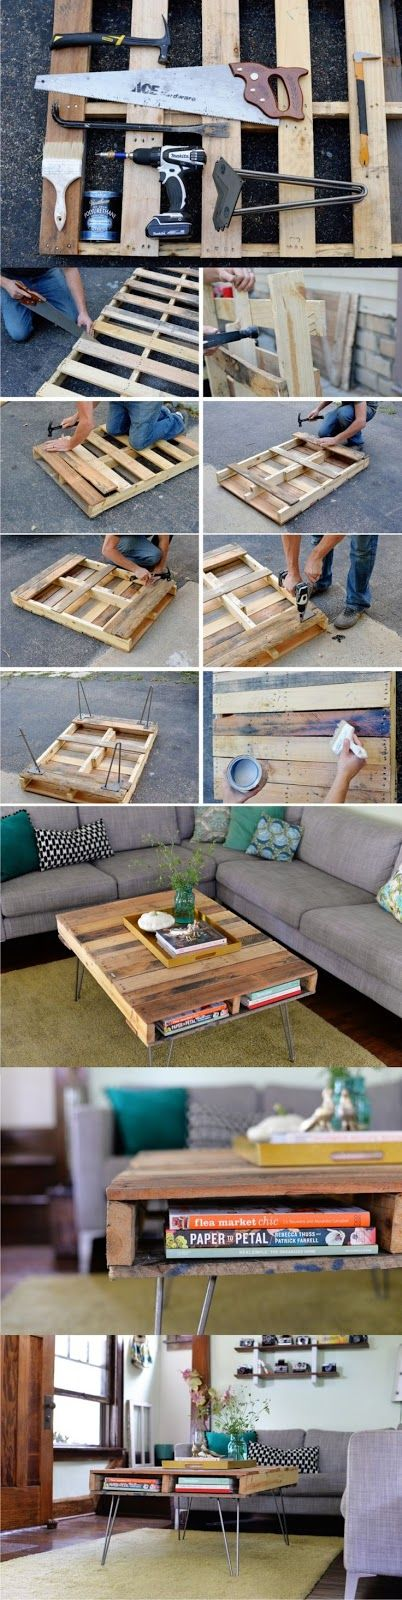 Mesa hecha con palets                                                                                                                                                     Más